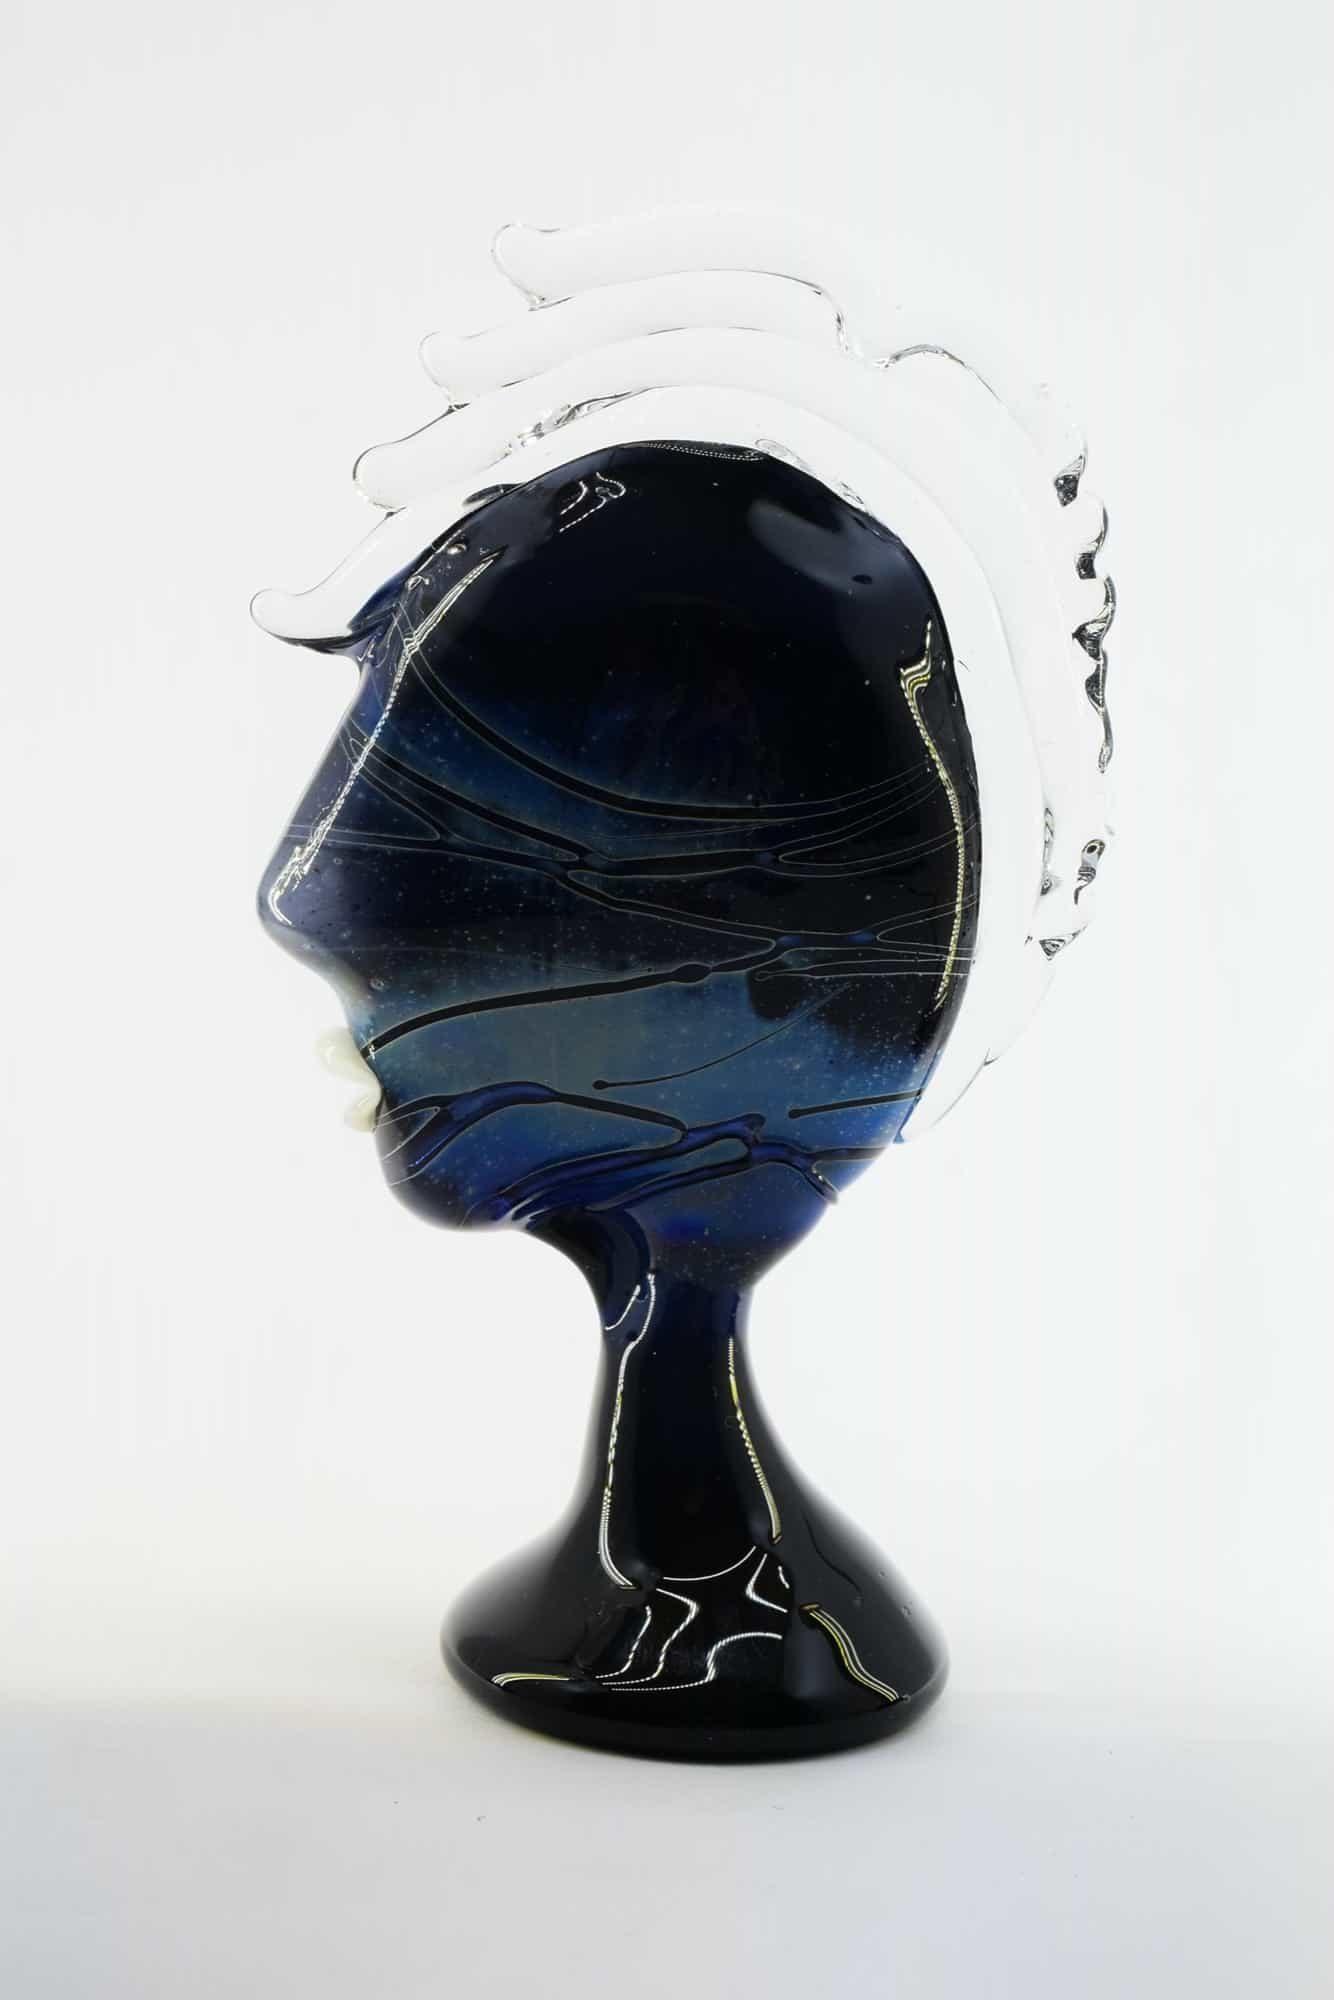 Скульптура Пикассо из муранского стекла - (Art. 13446)